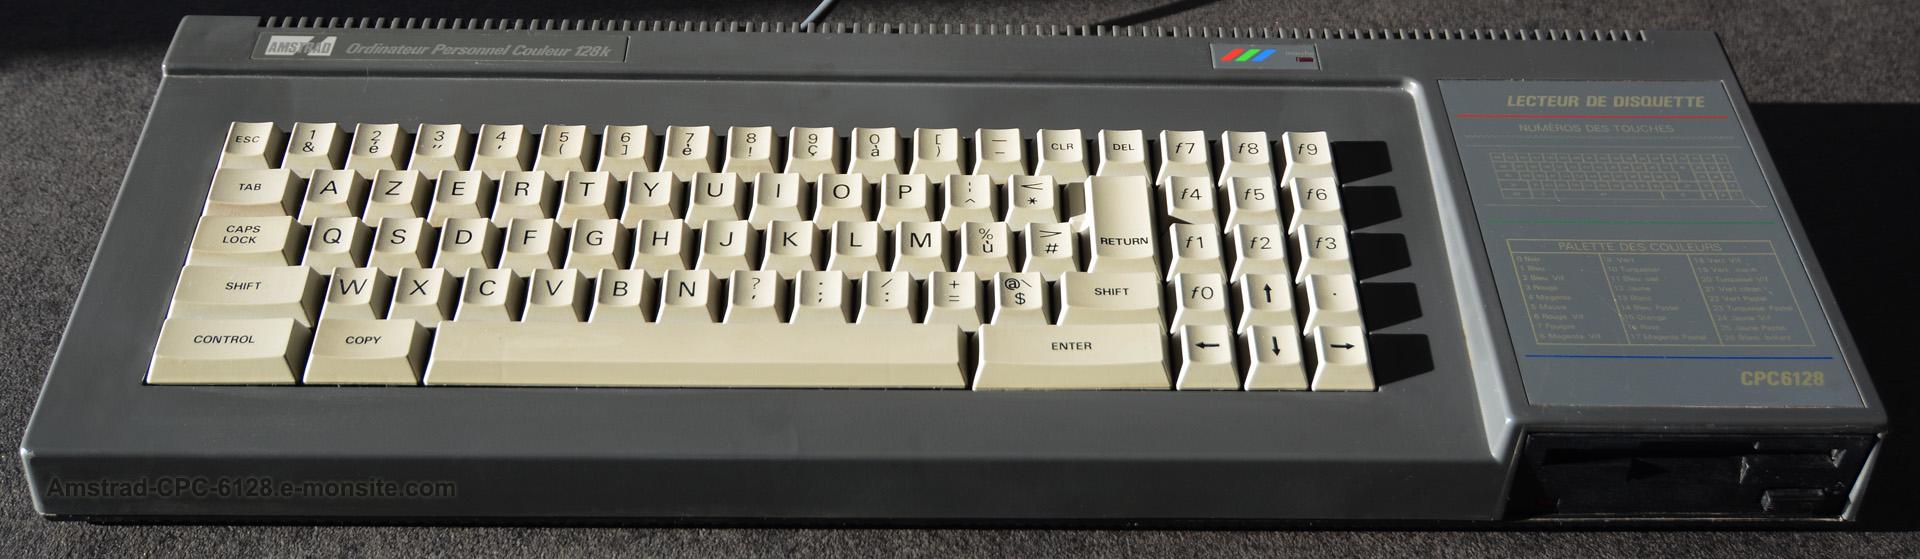 Amstrad CPC 6128 nettoyé !